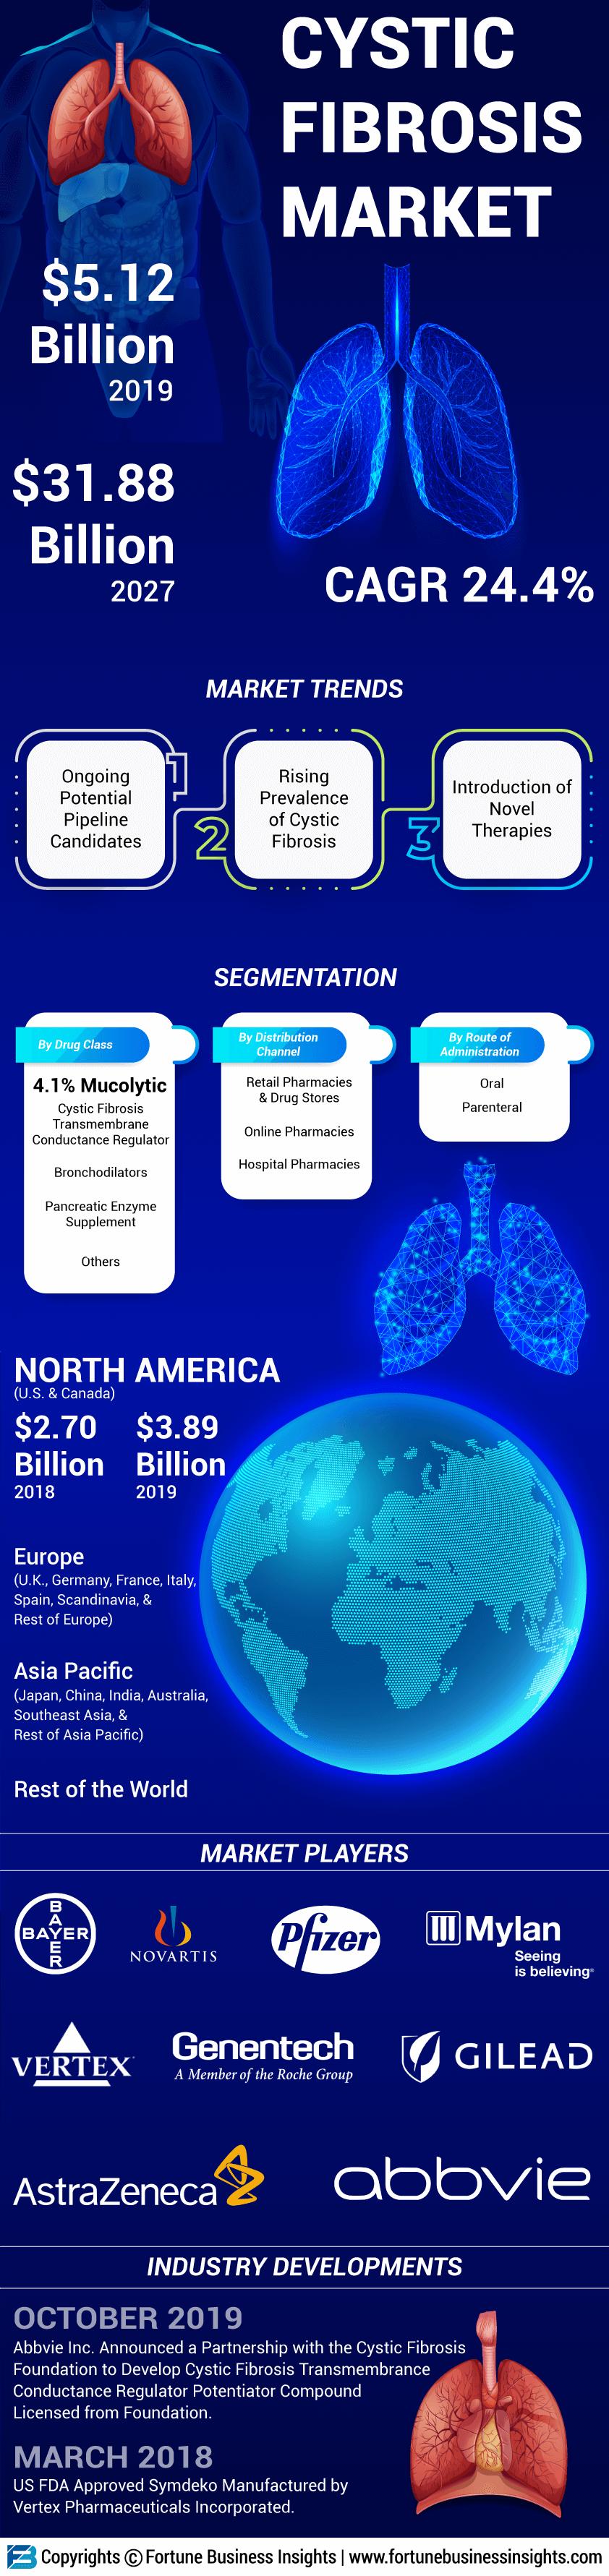 Cystic Fibrosis Market